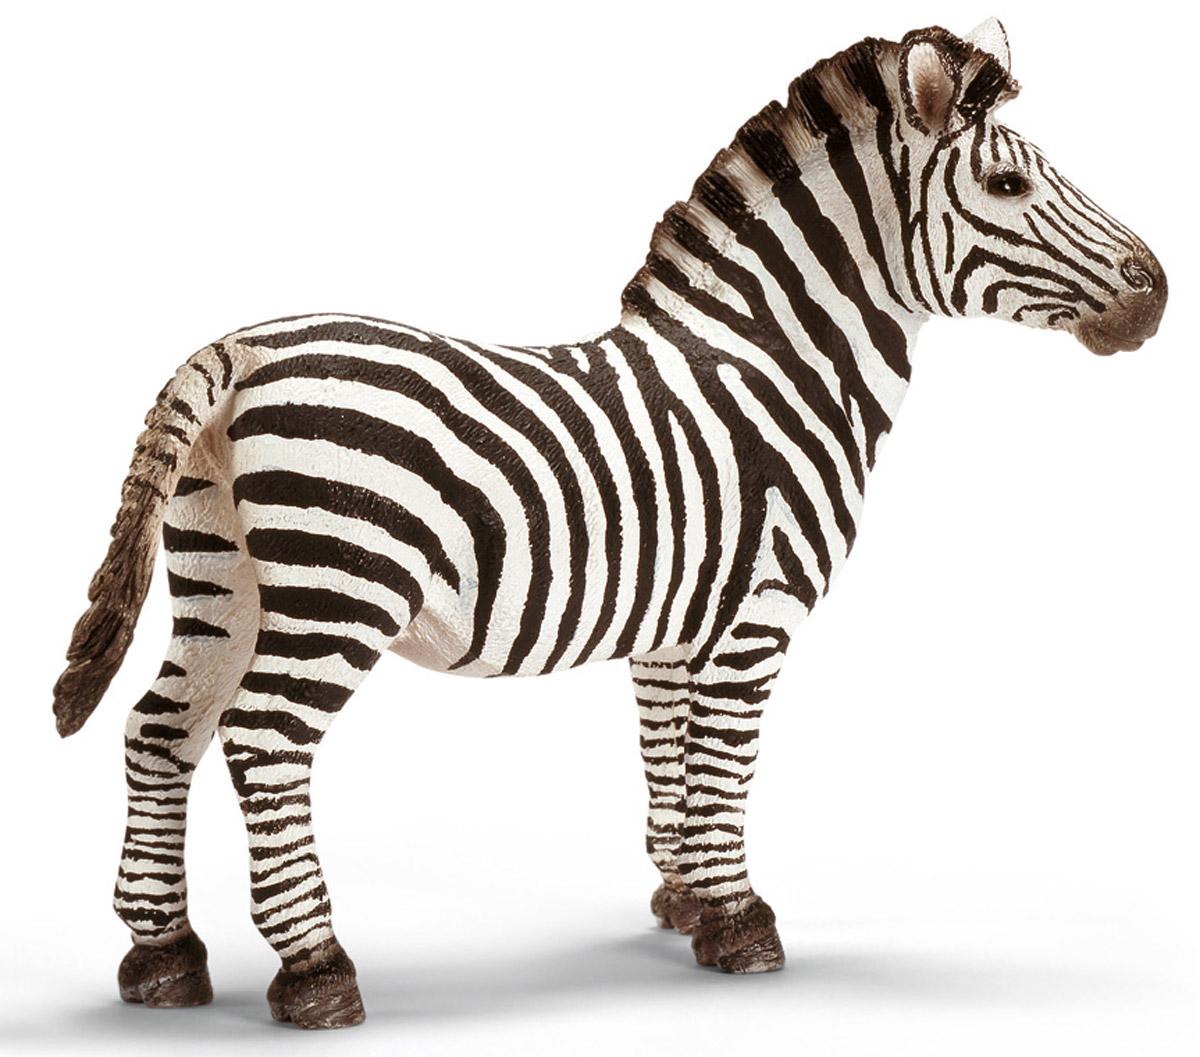 Schleich Фигурка Жеребец зебры14391Зебра - представитель одного из самых необычных животных на планете, имеющих черно-белую окраску. Белые полоски на черном фоне не только выделяют зебру среди остальных обитателей африканской саванны, но и маскируют ее от недоброжелателей. Может показаться, что она излишне необычно выглядит и привлекает своим внешним видом хищников: львов и быстрых гепардов. Но наоборот, многие животные, в том числе и насекомые, не замечают монотонную окраску зебры, поэтому и не кусают. Зебры - травоядные животные, они любят травку, и лакомиться зелеными кустарниками. Иногда ради свежей травы, и воды им приходится преодолевать огромные расстояния. Фигурка Schleich Жеребец зебры выполнена из высококачественного каучукового пластика, не вызывающего аллергии. Можно собрать всех диких животных, проживающих на территории африканских стран. Поселить у себя дома семью зебр и создать для них маленький уютный уголок в импровизированной саванне. Работа над игрушками Schleich...